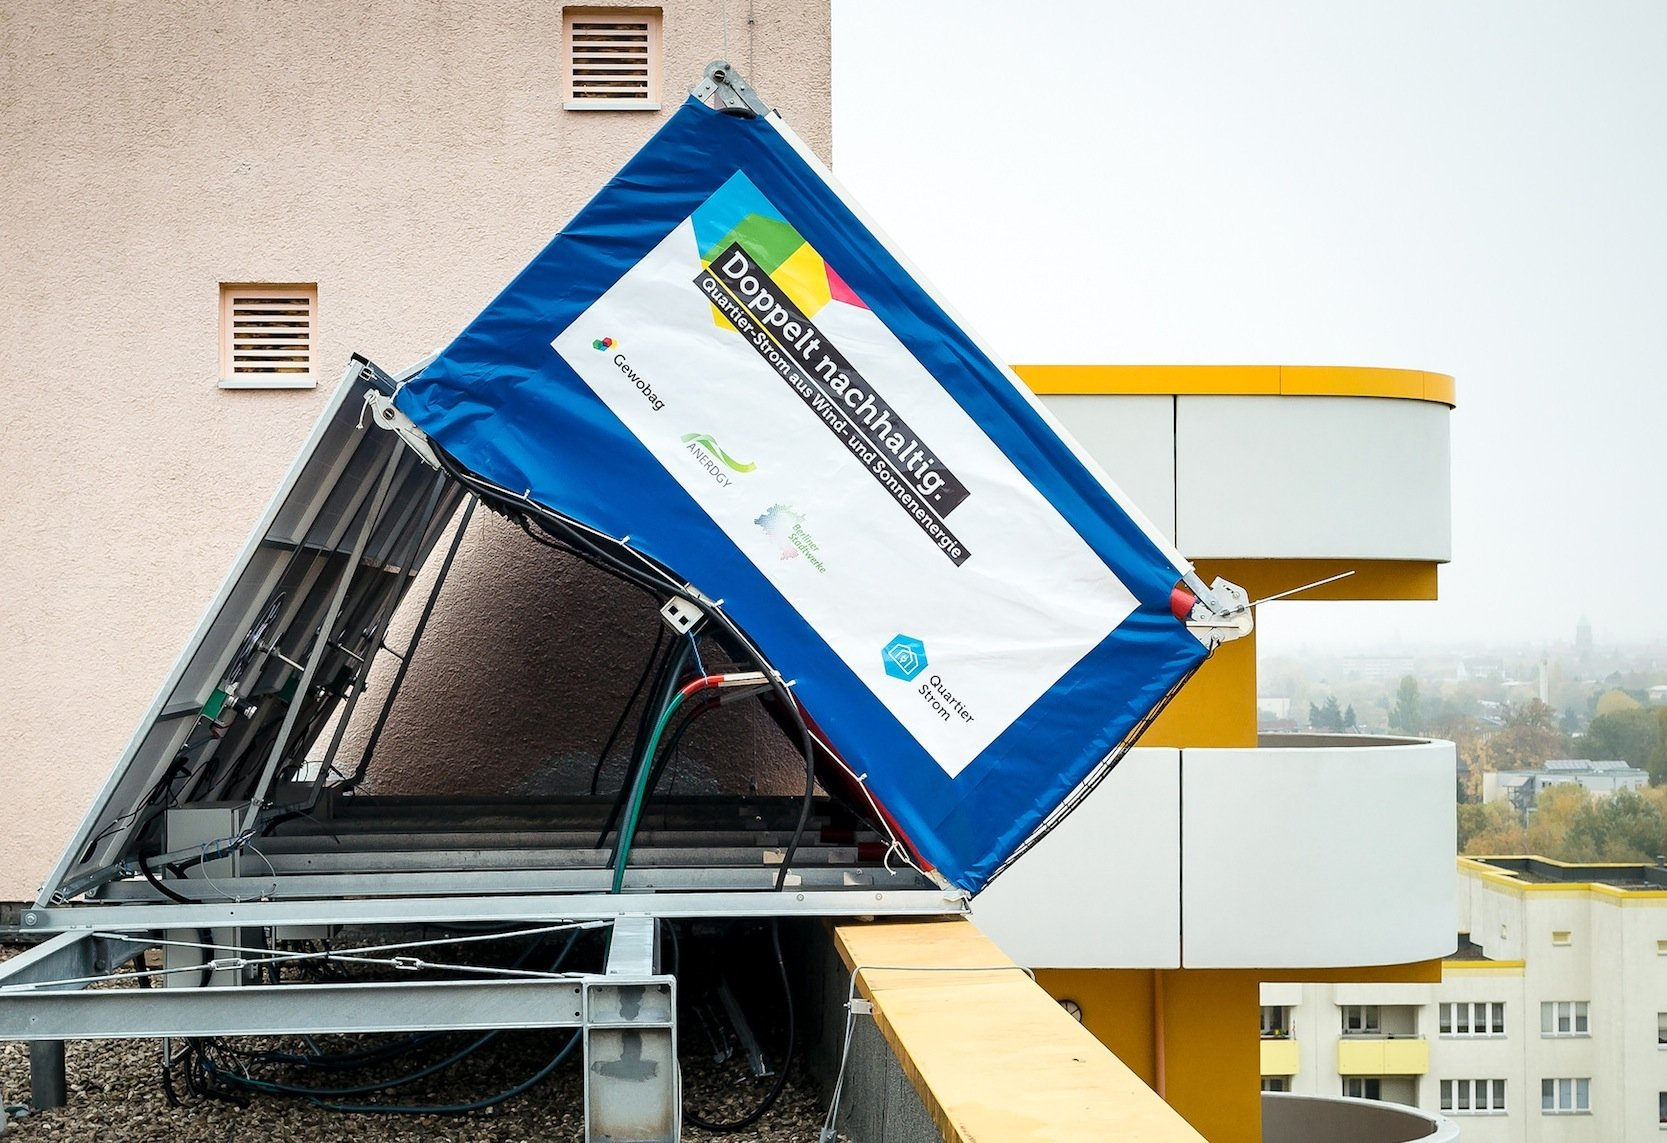 """""""Die online steuerbaren Kleinkraftwerke eignen sich hervorragend für Sanierungen und Neubauten hoher Gebäude mit Flachdach"""", sagt Sven Köhler, der CEO von Anerdgy. Die Schweizer Firma hat die Windrails entwickelt."""